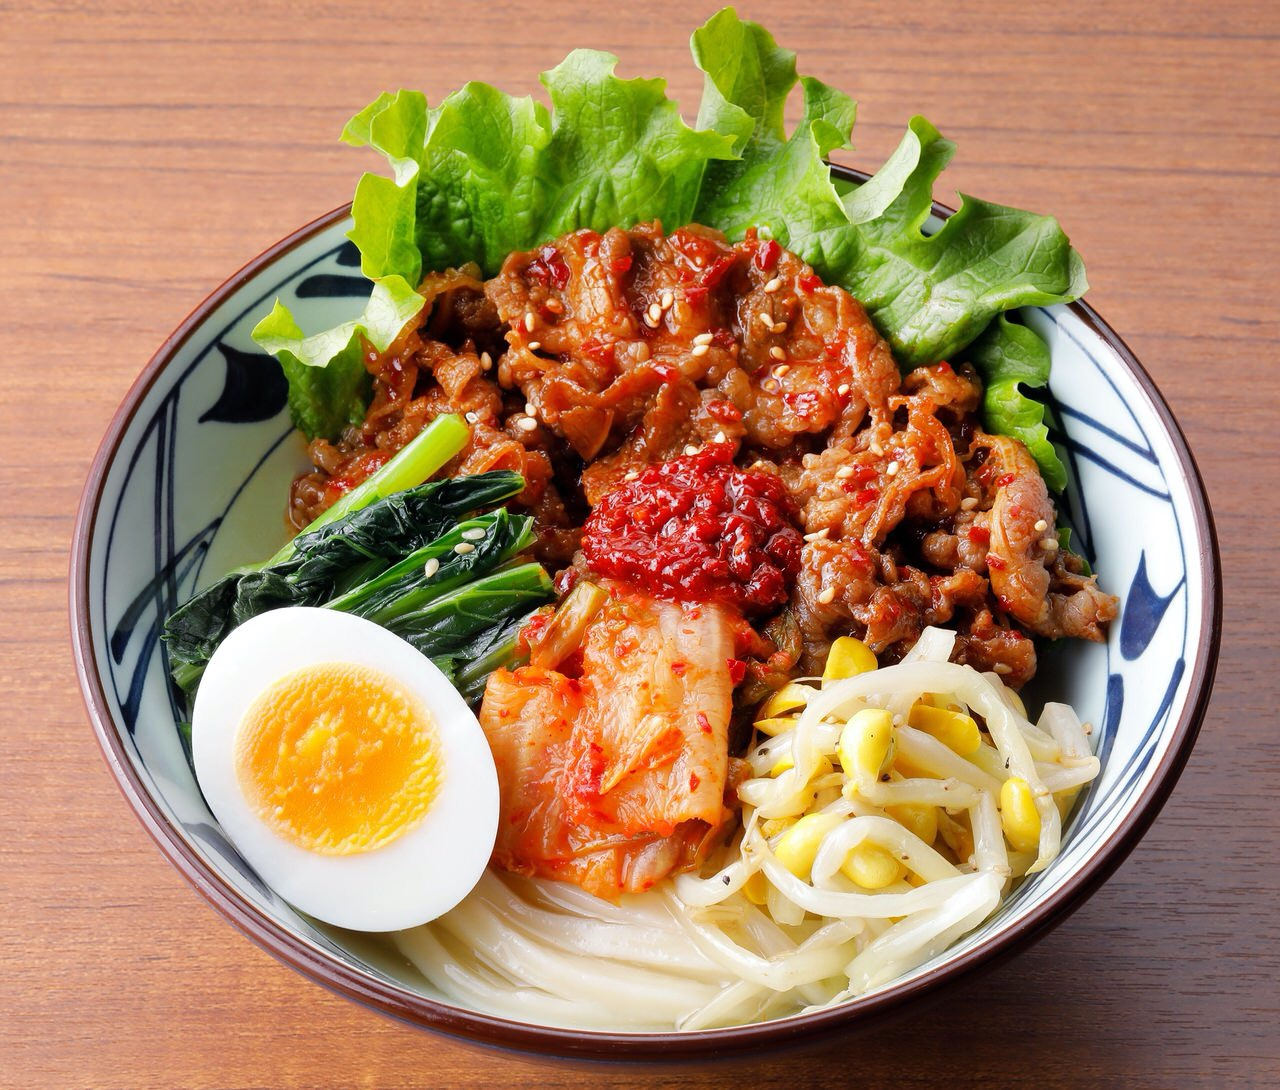 【丸亀製麺】夏季限定「牛焼肉冷麺」「辛辛 牛焼肉冷麺」7/14より発売開始